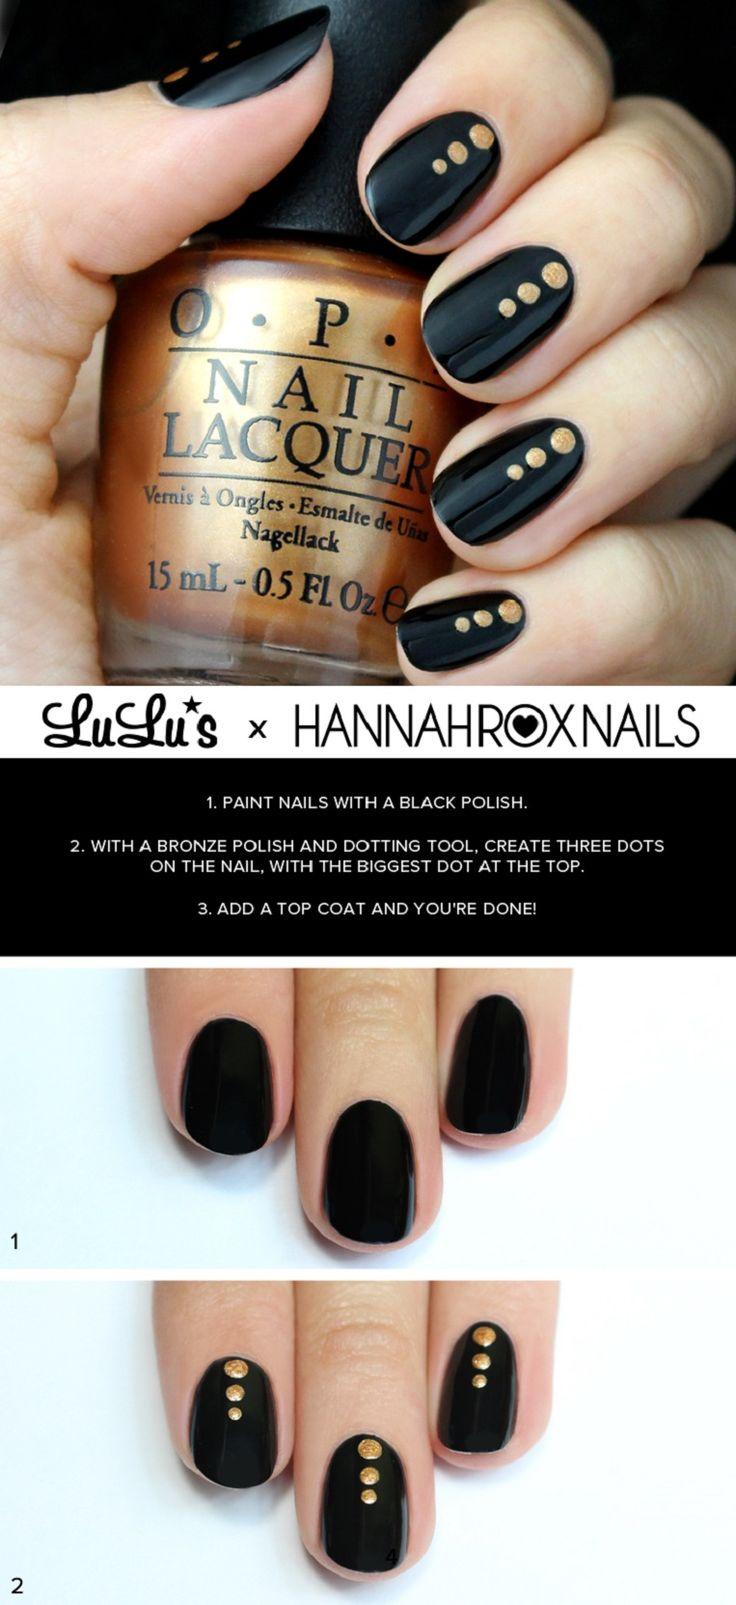 Как сделать дотс для ногтей своими руками